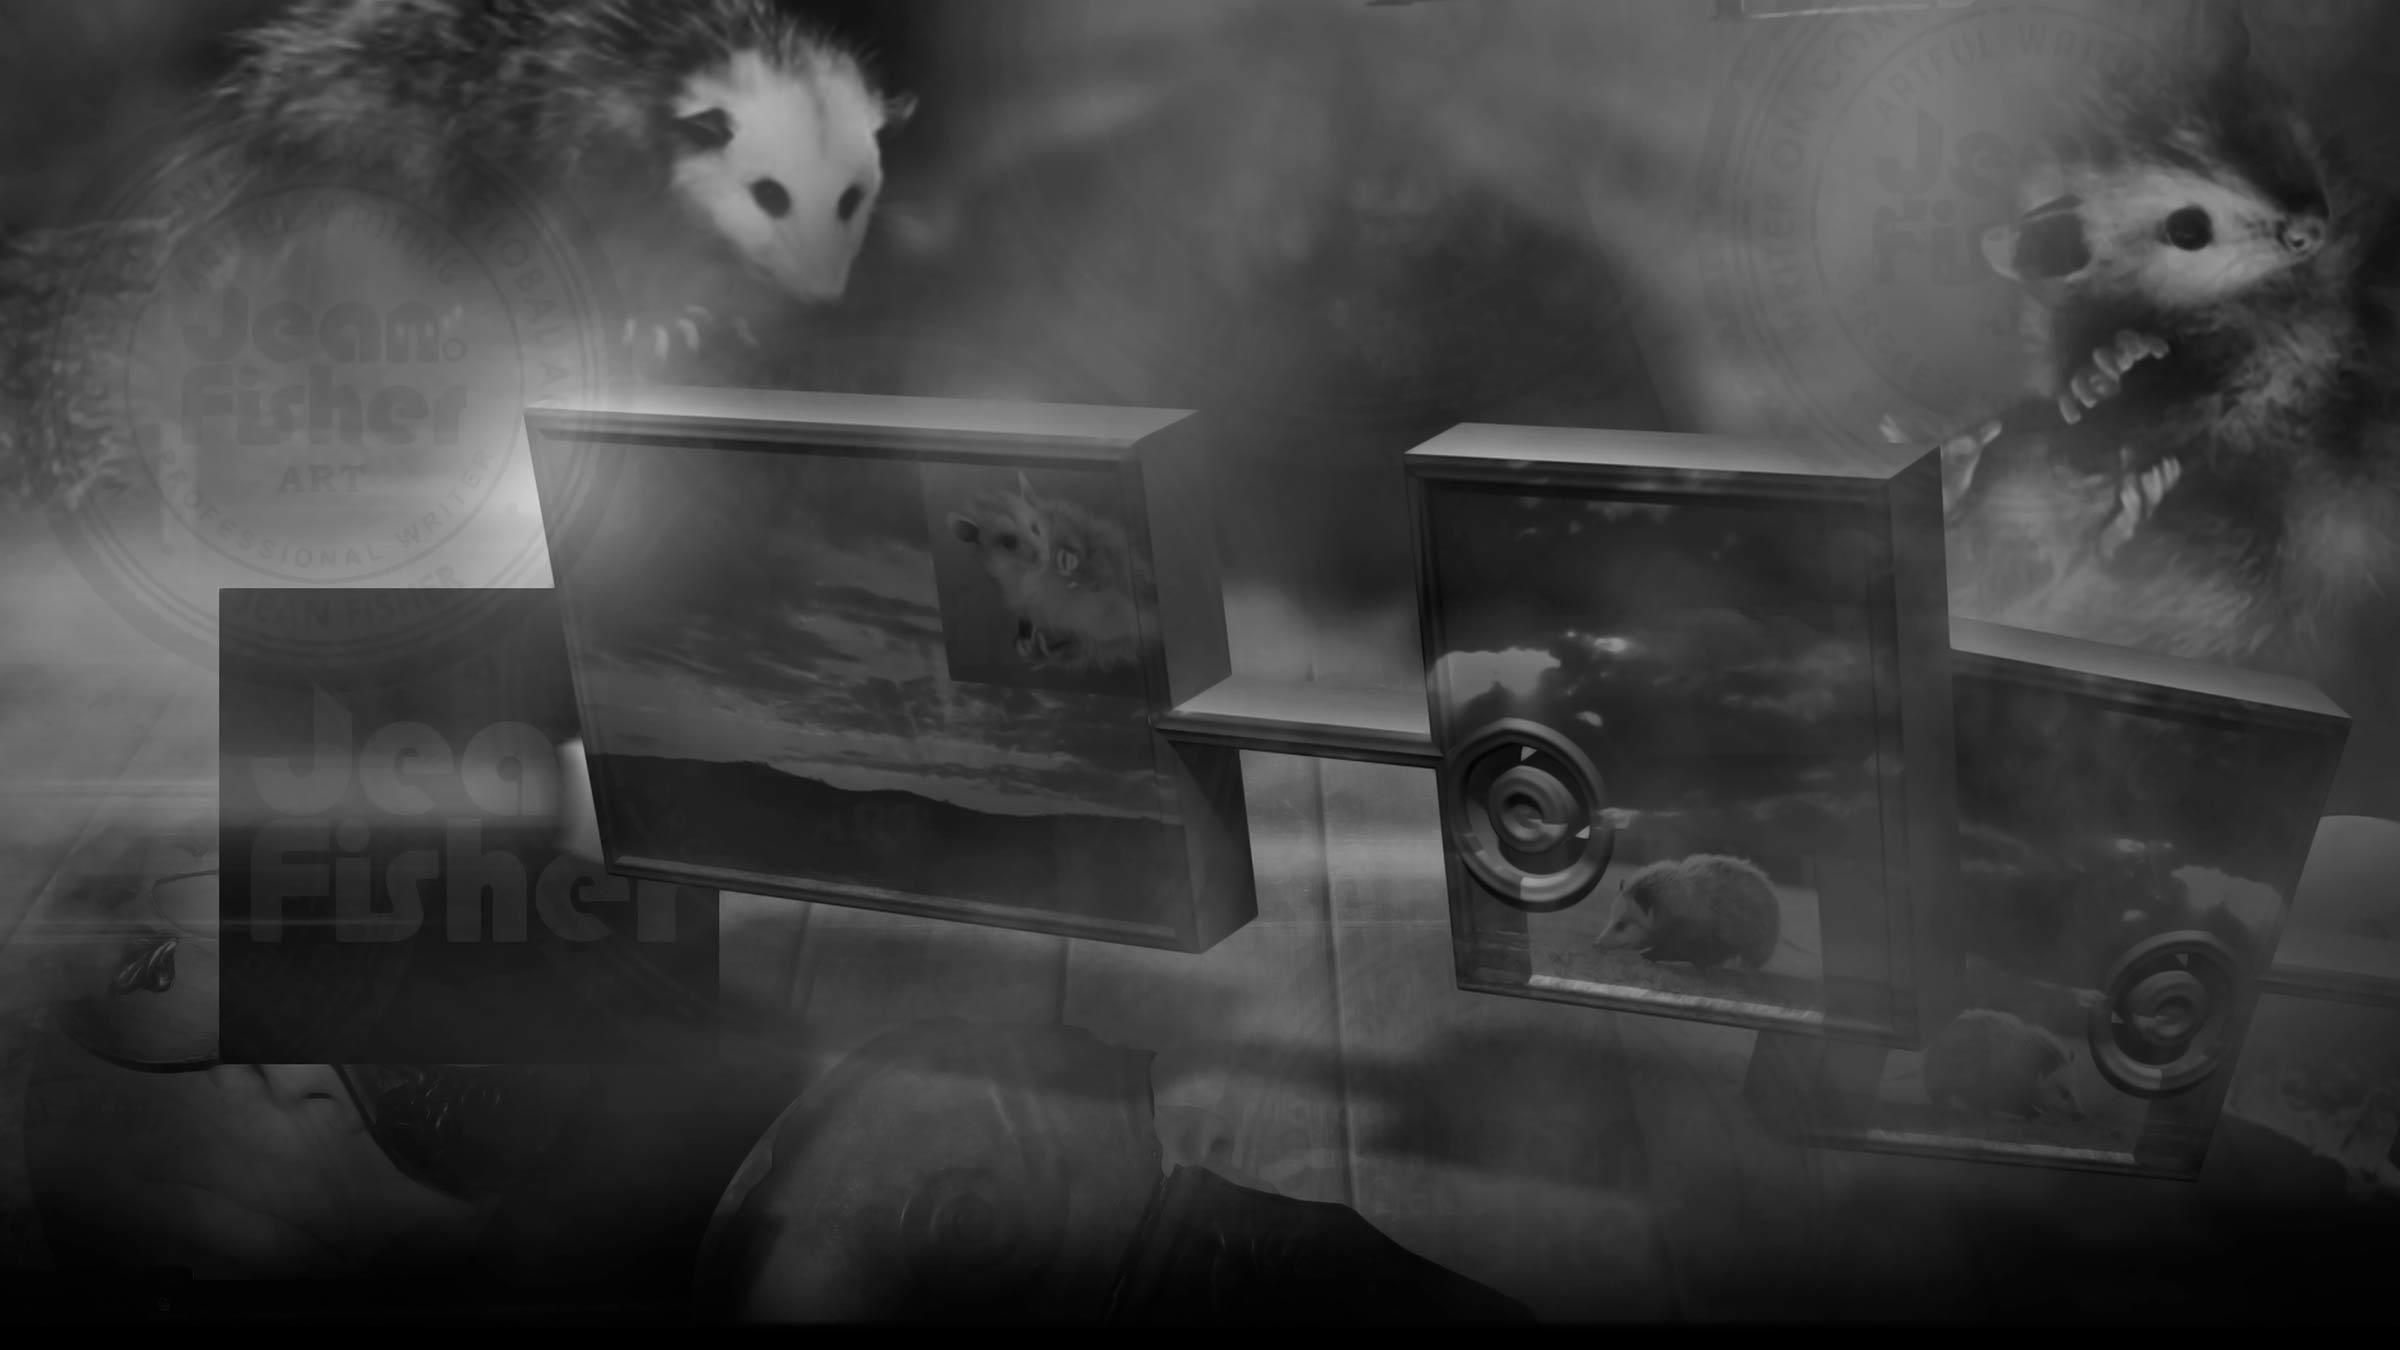 Cinematic scene using opossum elements